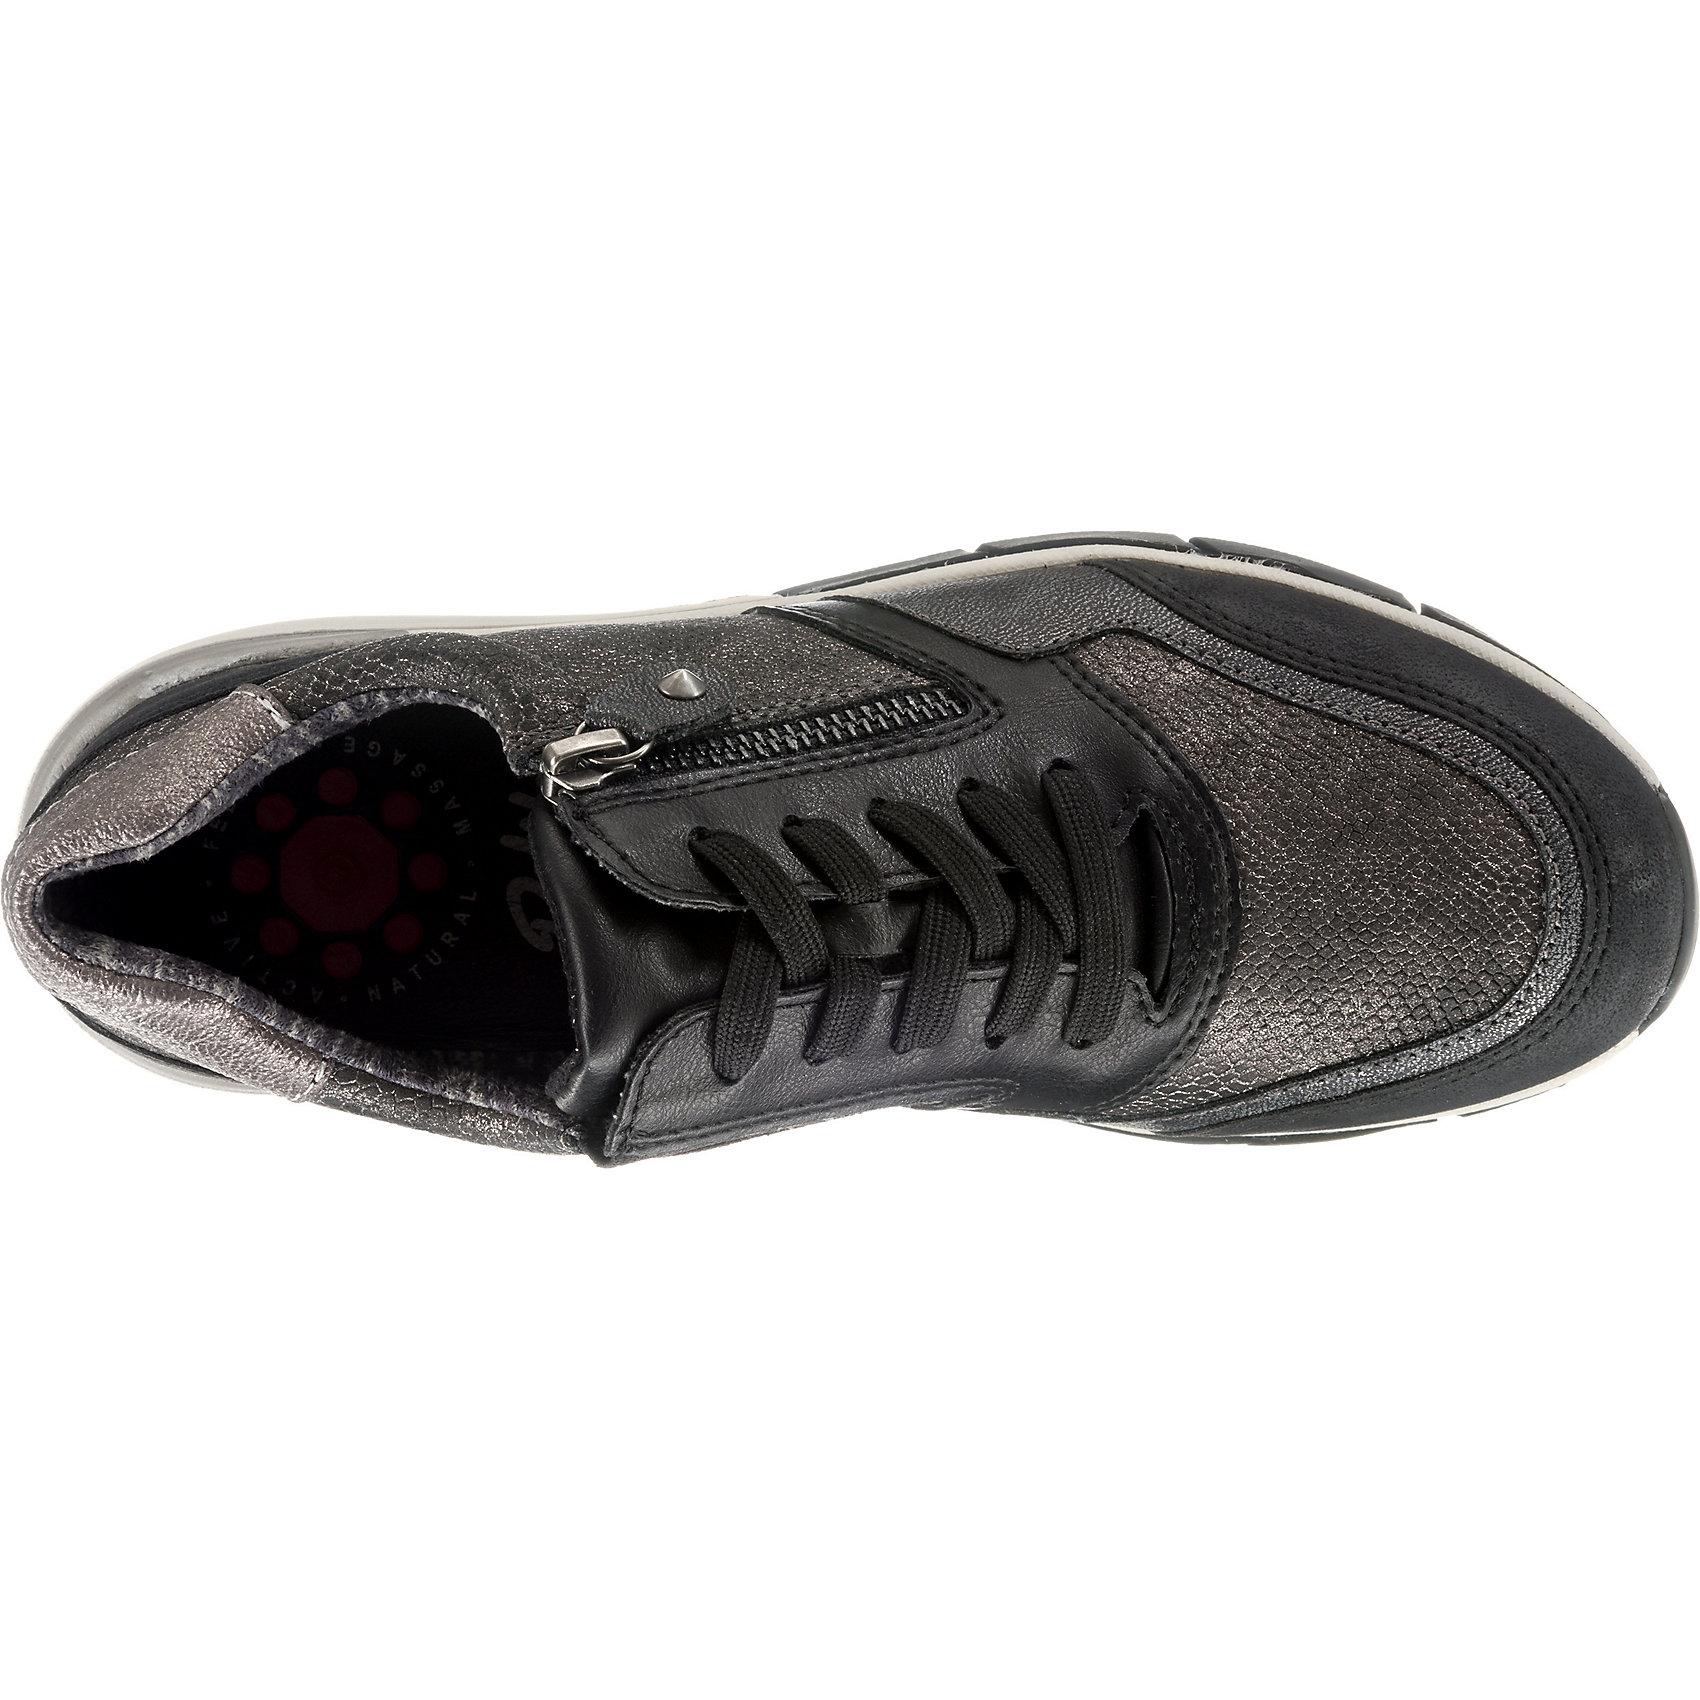 Neu Relife Schnürschuhe 8819820 für Damen schwarz grau grau grau  | Wirtschaftlich und praktisch  7e1873